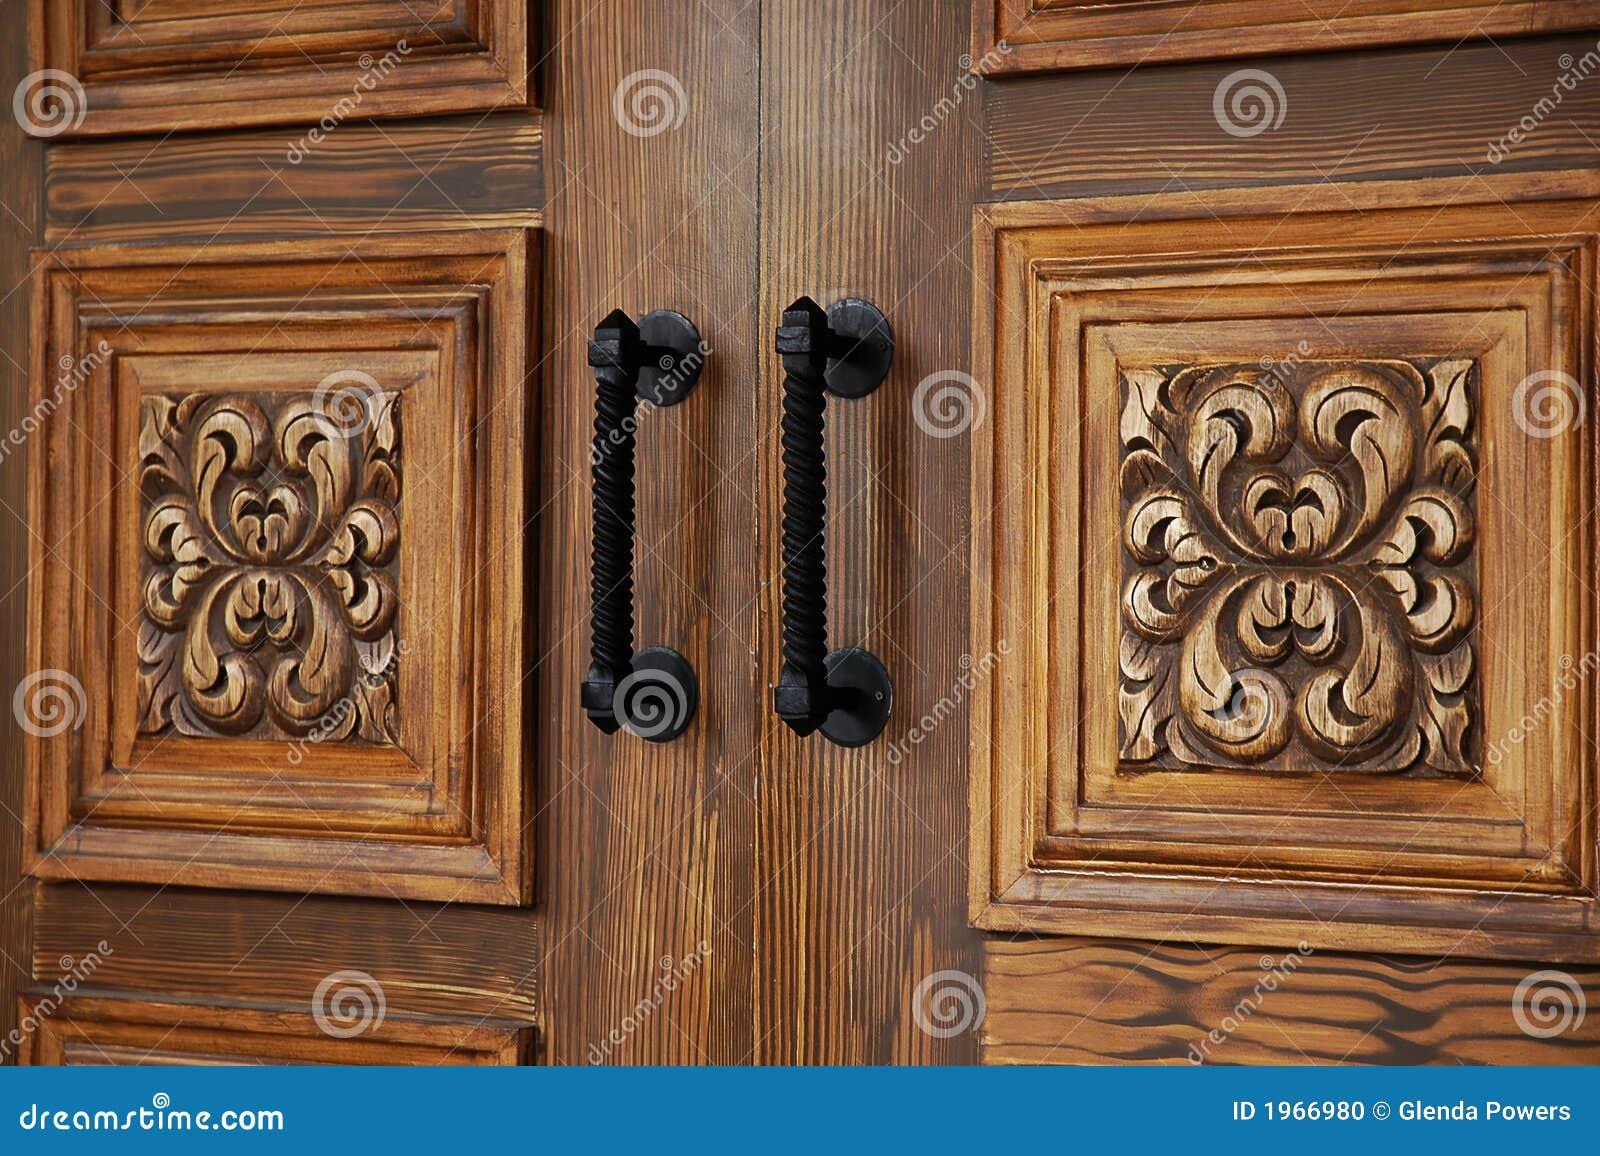 Puertas de madera elegantes foto de archivo imagen 1966980 - Pueras de madera ...